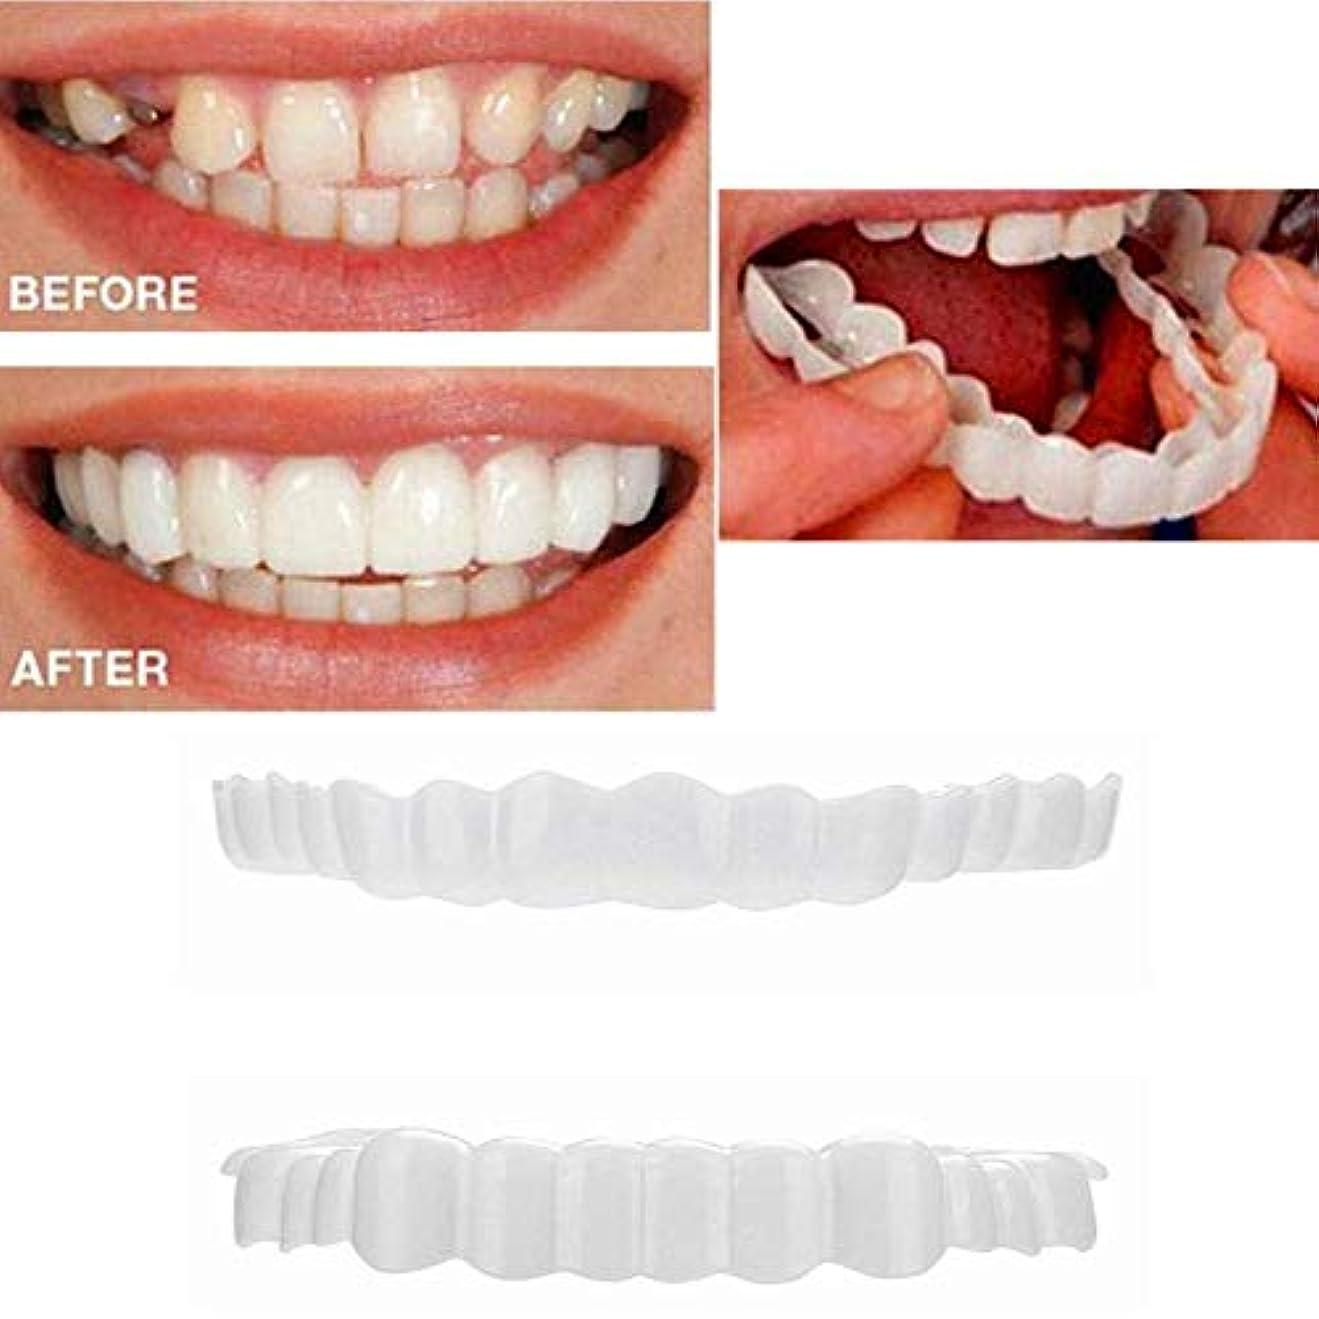 勇者再集計動く最新の化粧板の歯、化粧品の歯3組 - 一時的な笑顔の快適さフィットフレックス化粧品の歯、ワンサイズ、スーペリアーとローワーコンフォートベニア - (Lower + Upper)